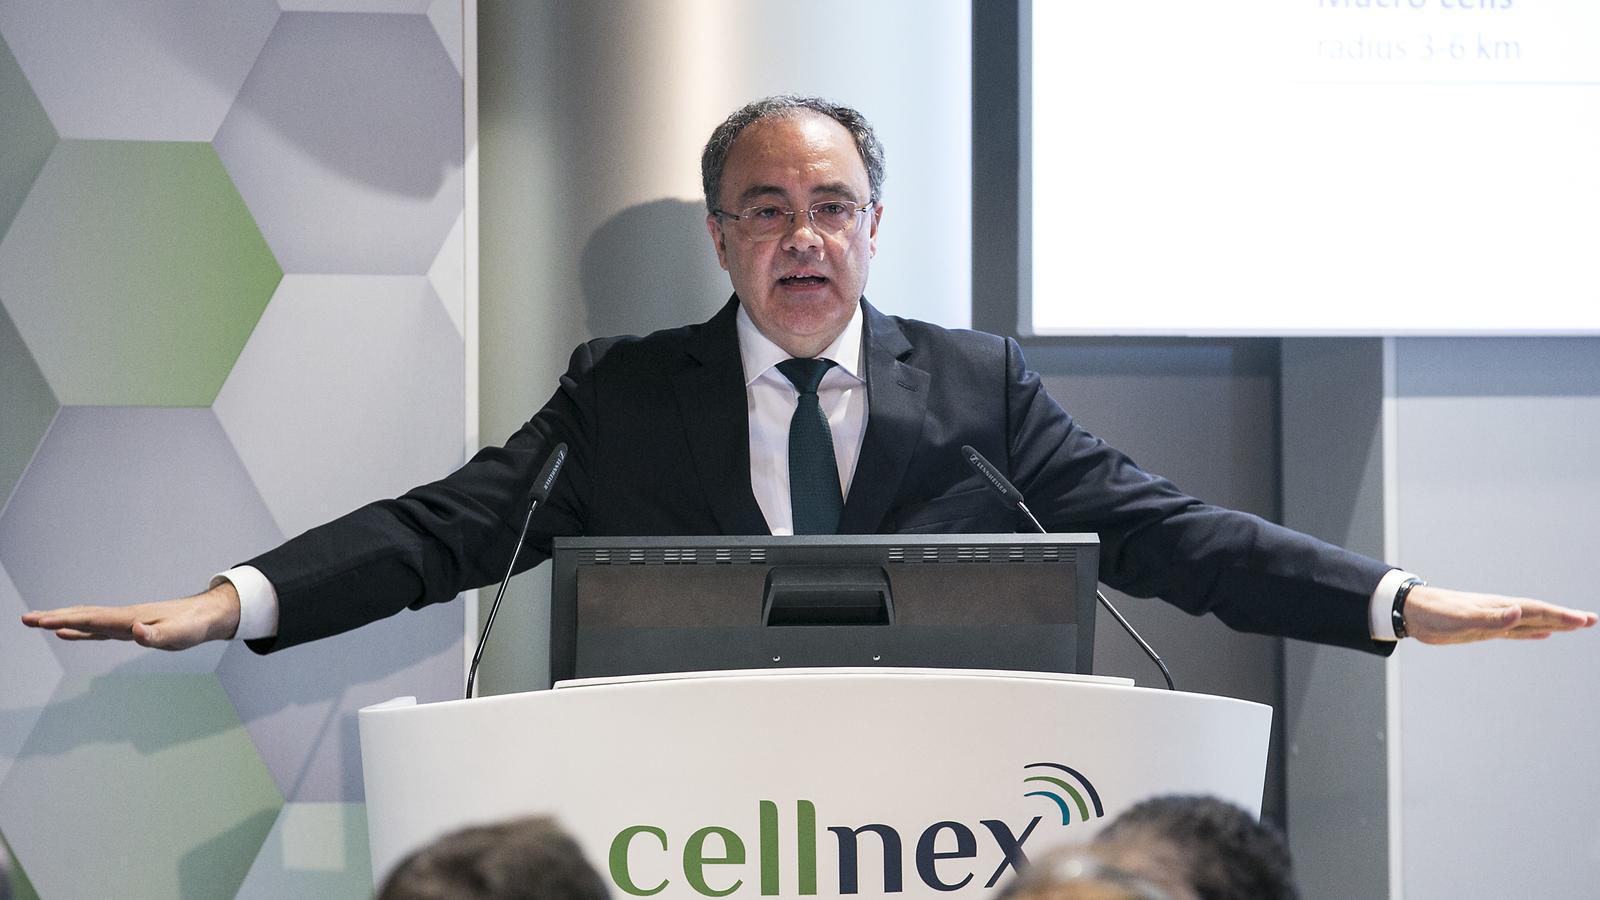 Cellnex registra unes pèrdues de 26 milions d'euros fins al setembre